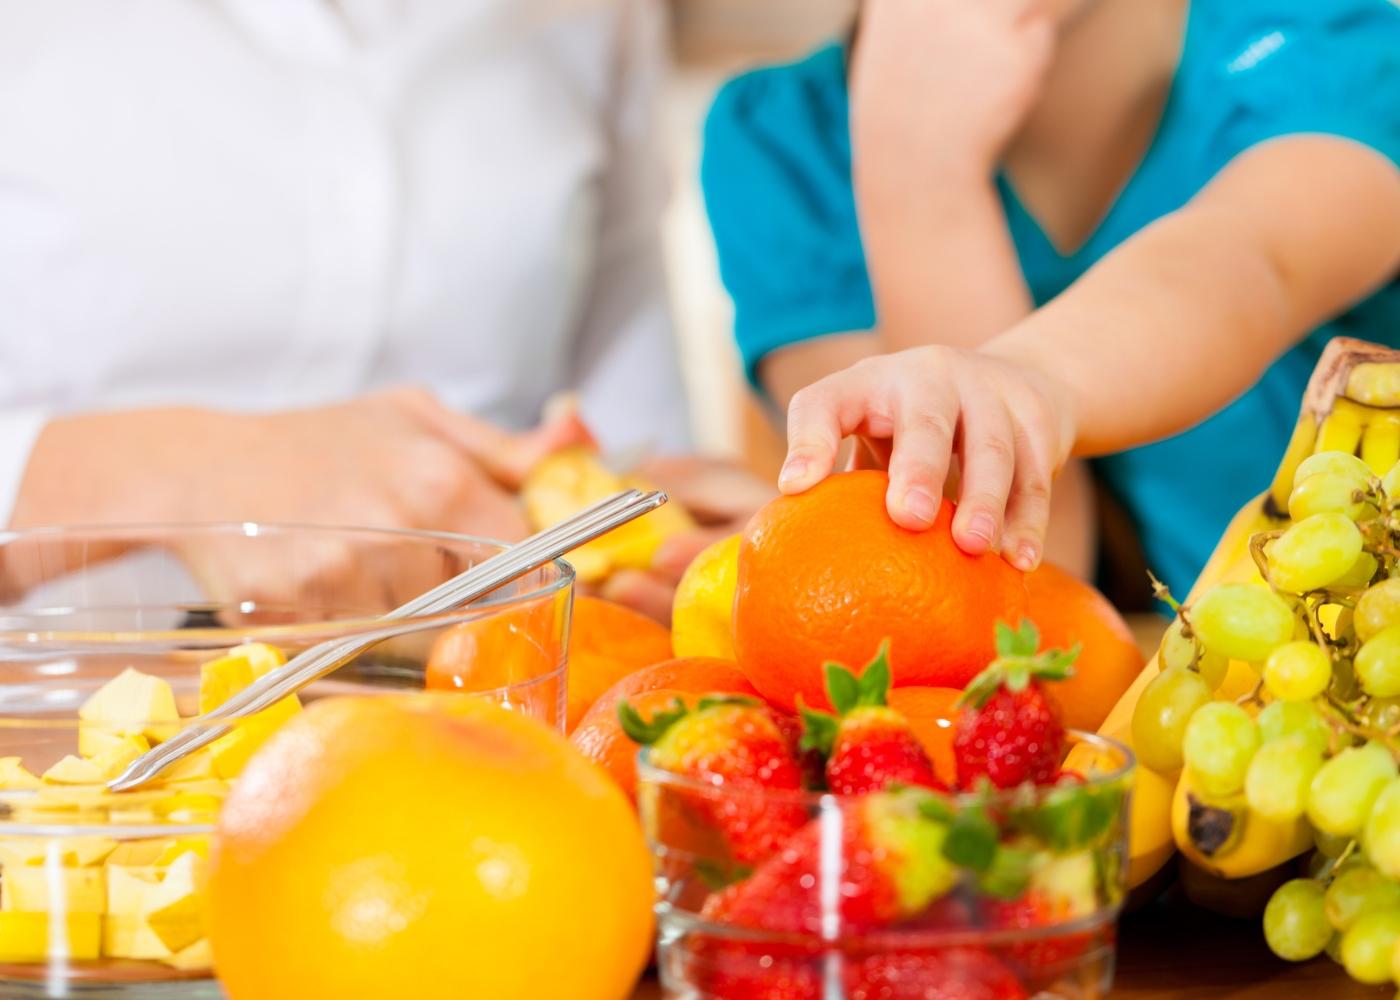 Jogos caseiros para crianças: fazer salada de frutas